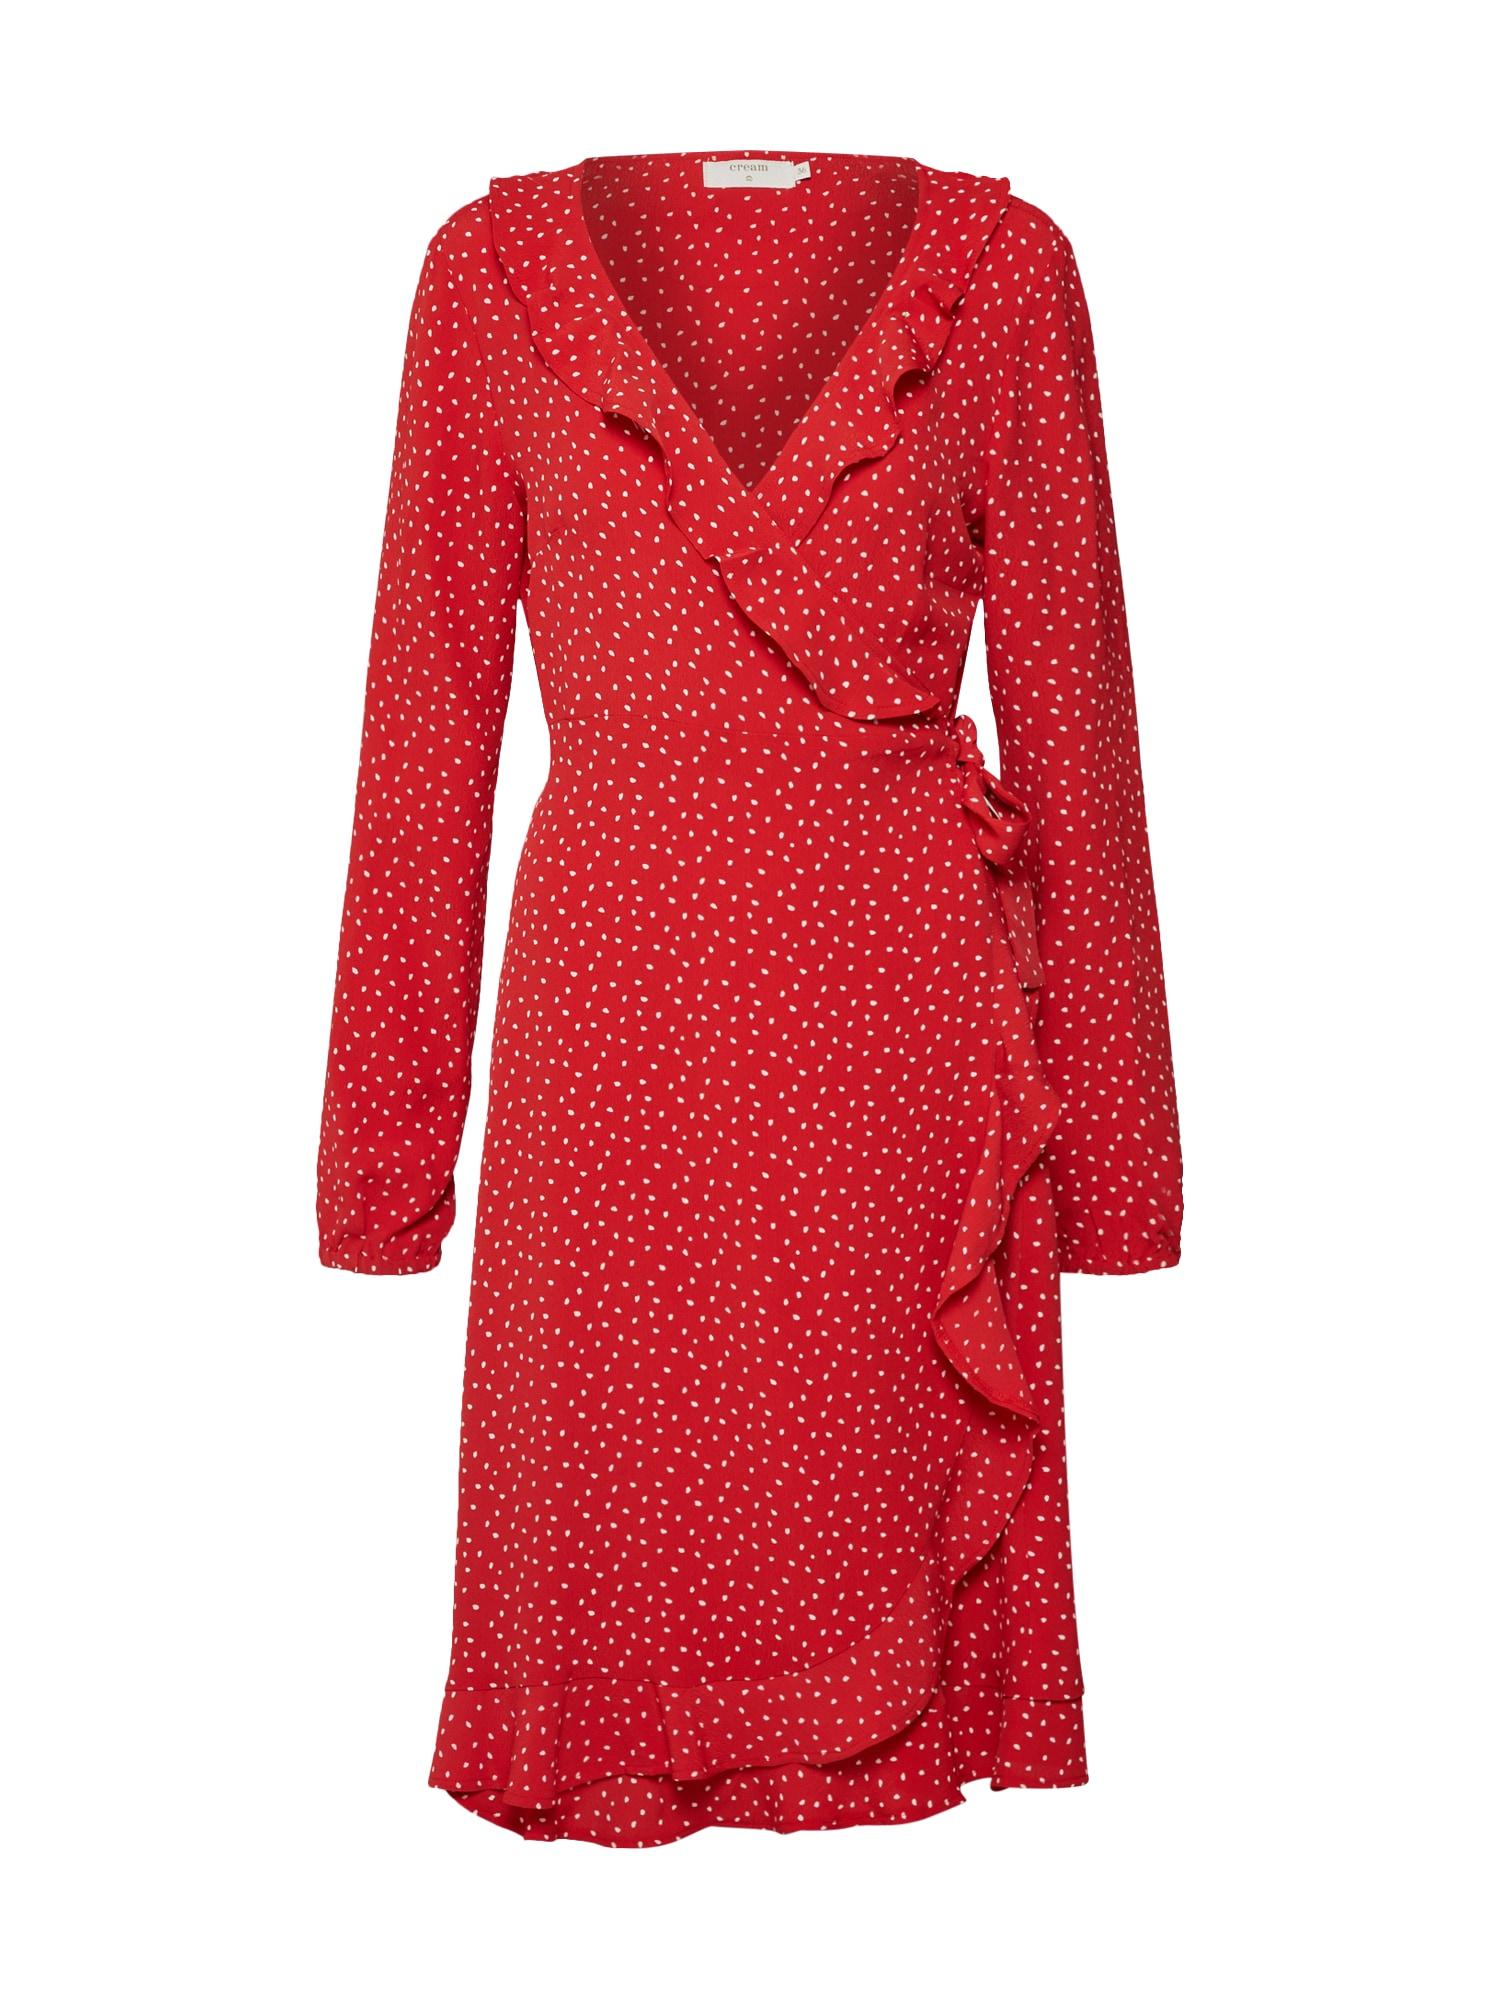 Šaty Alison  světle červená Cream